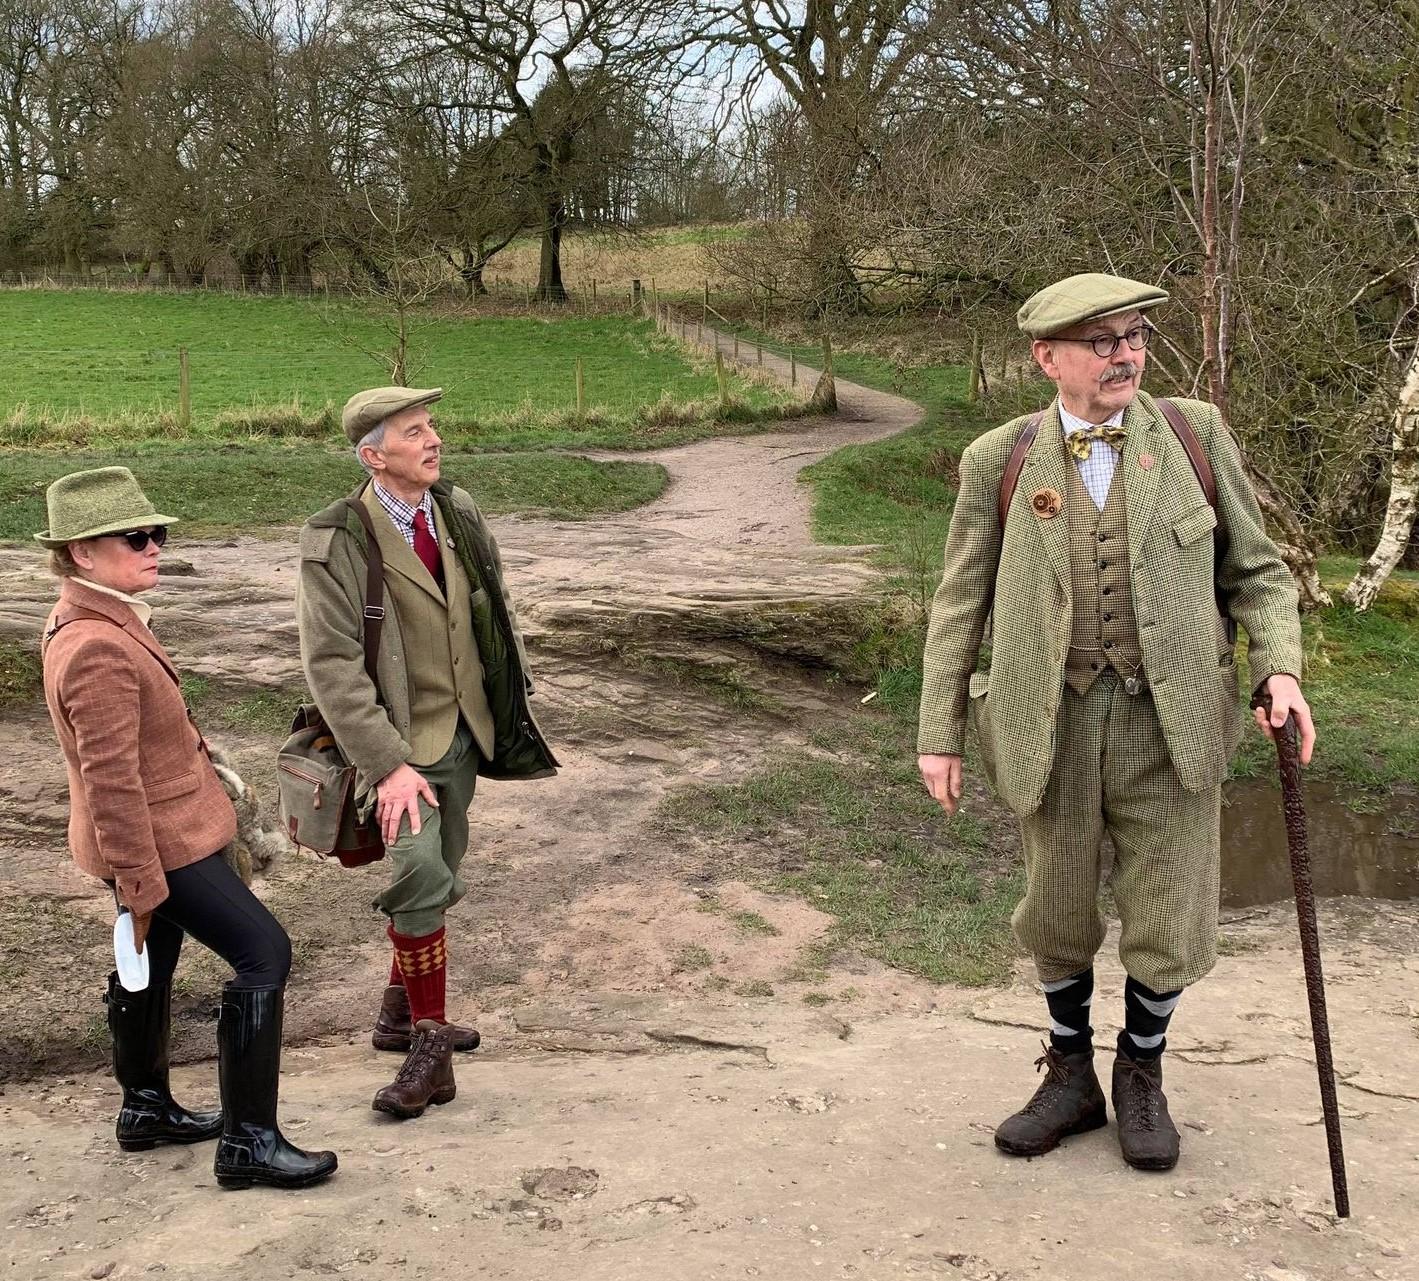 Tweedsters Walking